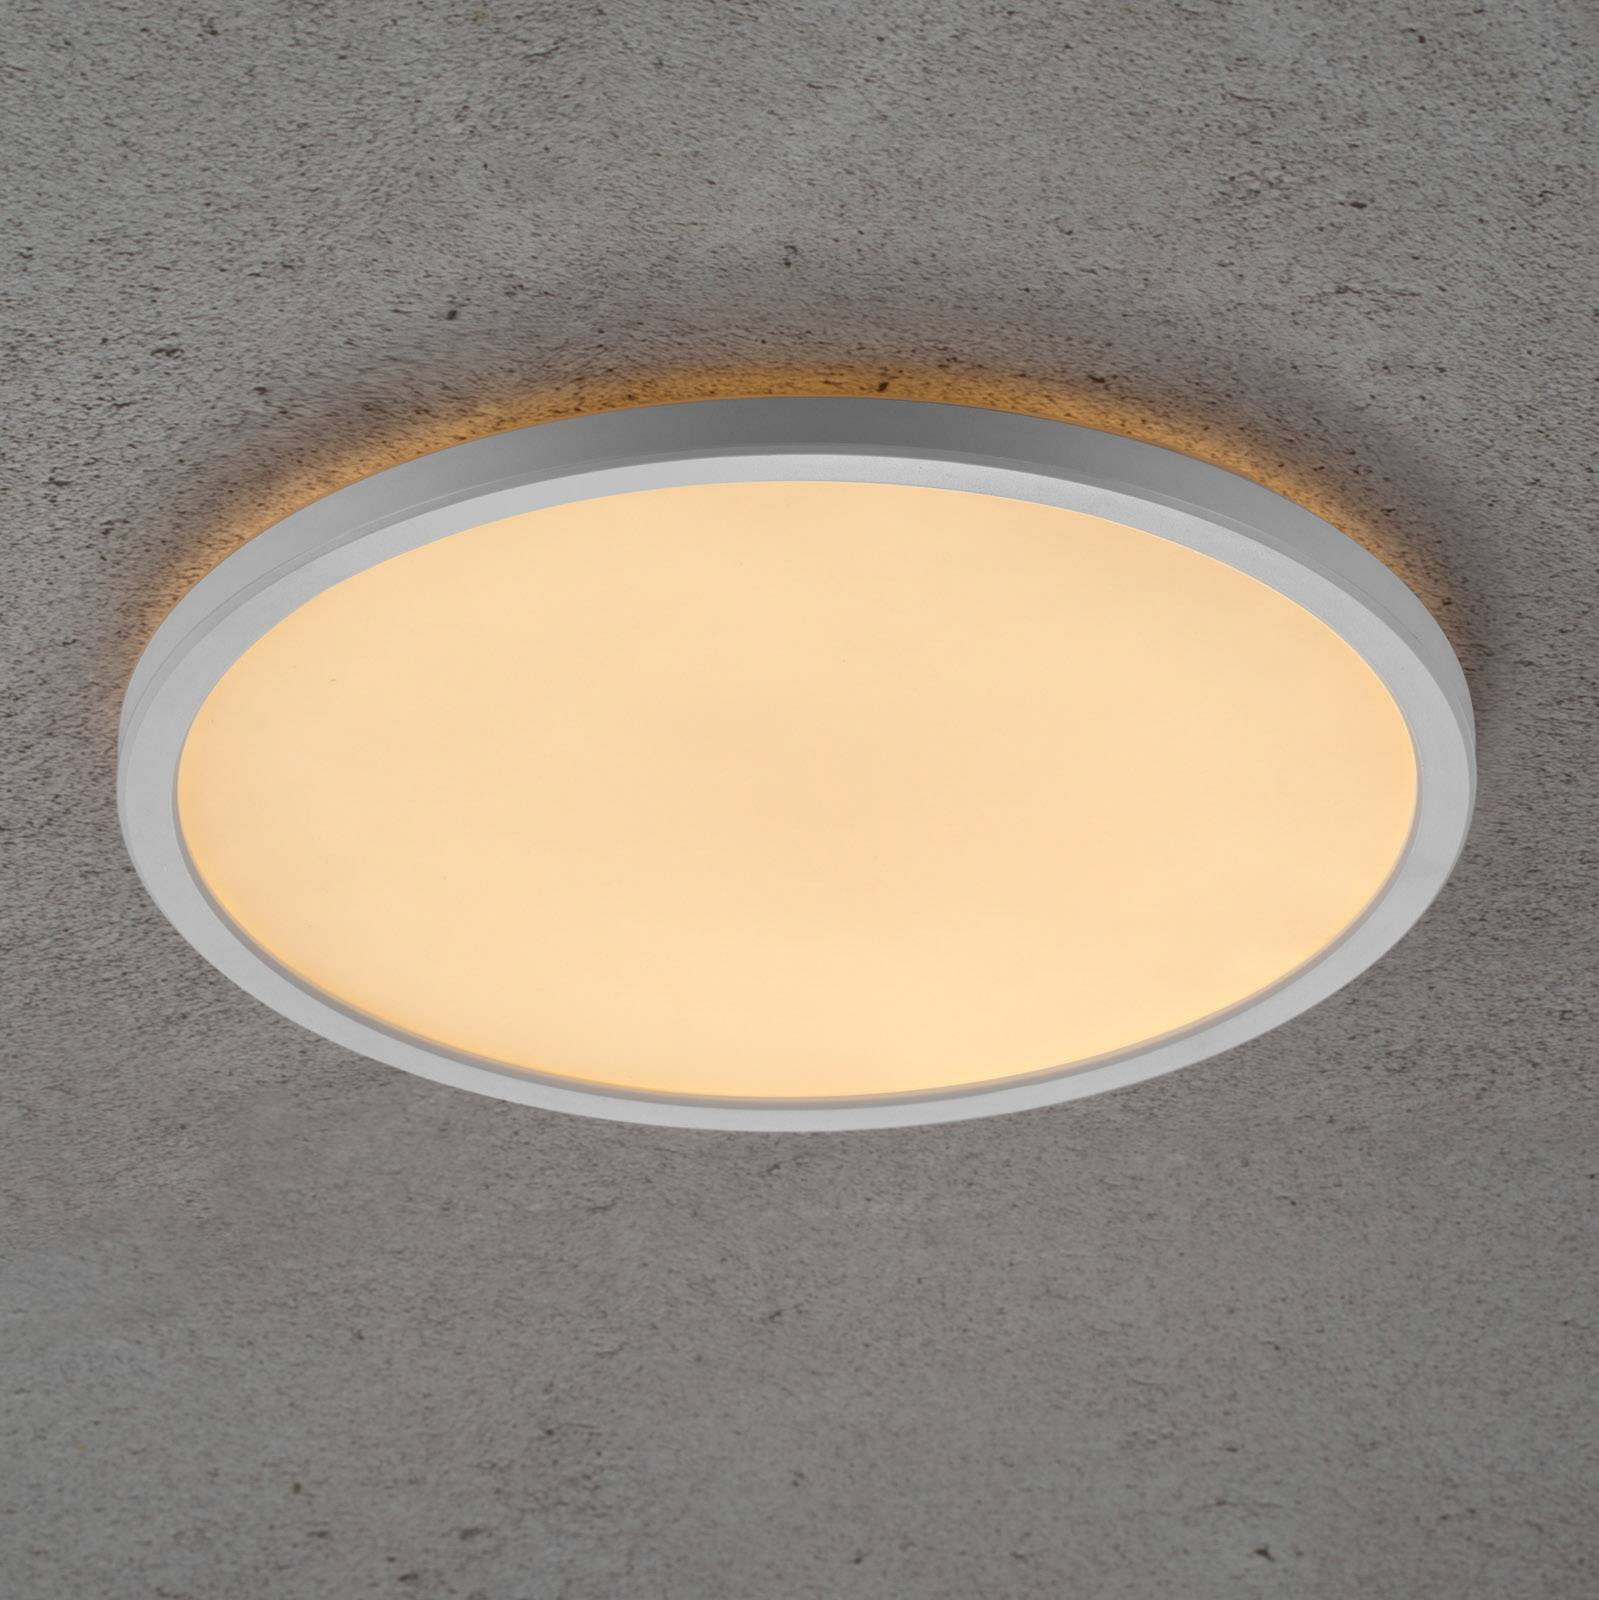 LED-kattovalaisin Planura, himmennettävä, Ø 29 cm